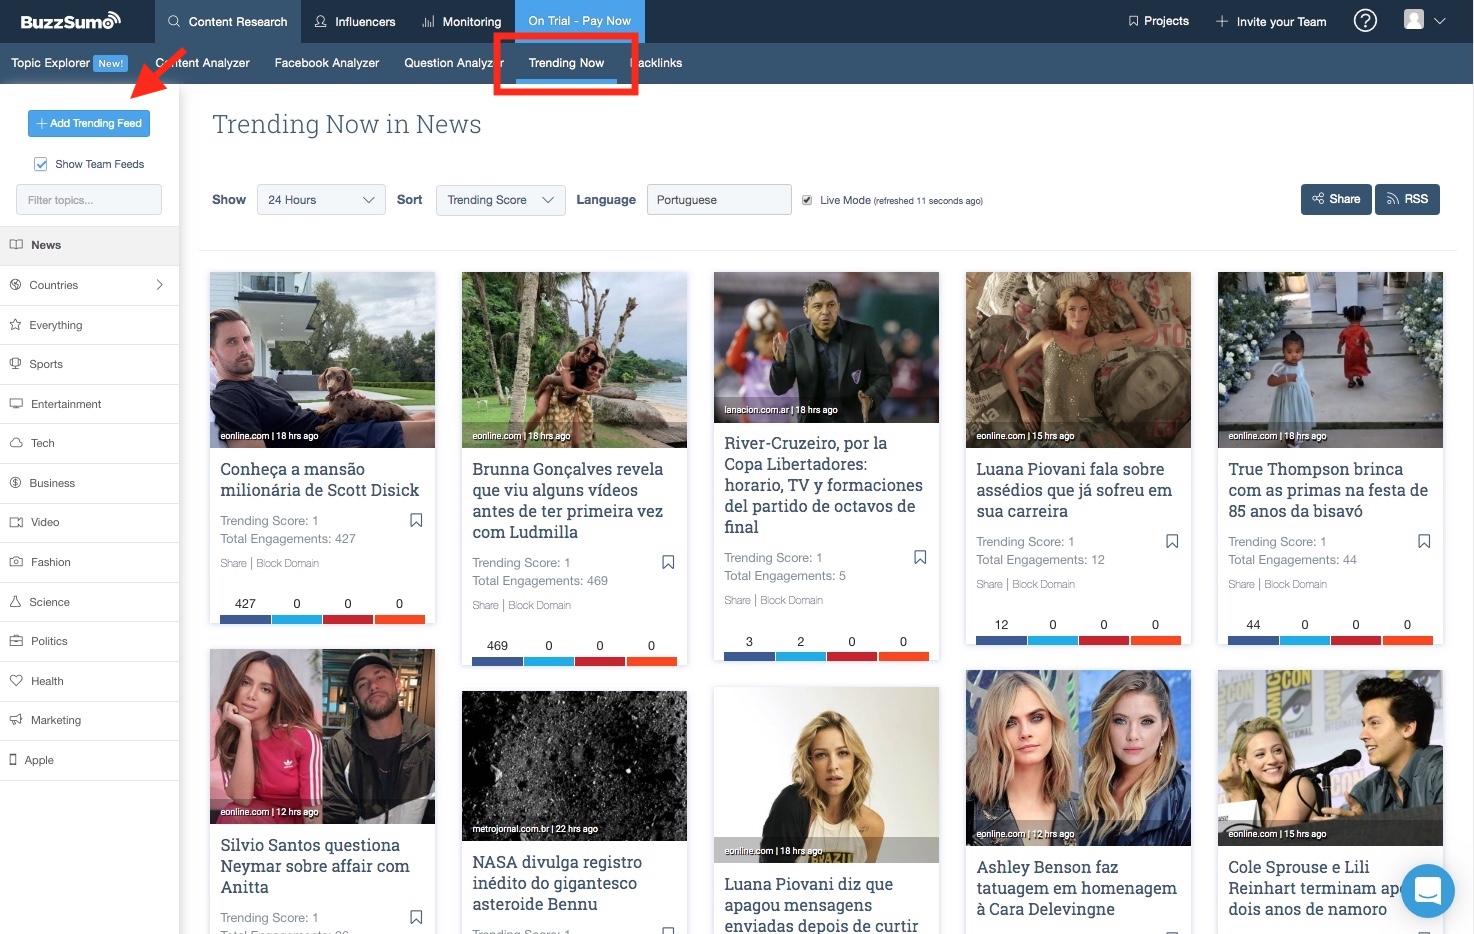 13- Como descobrir trends no BuzzSumo